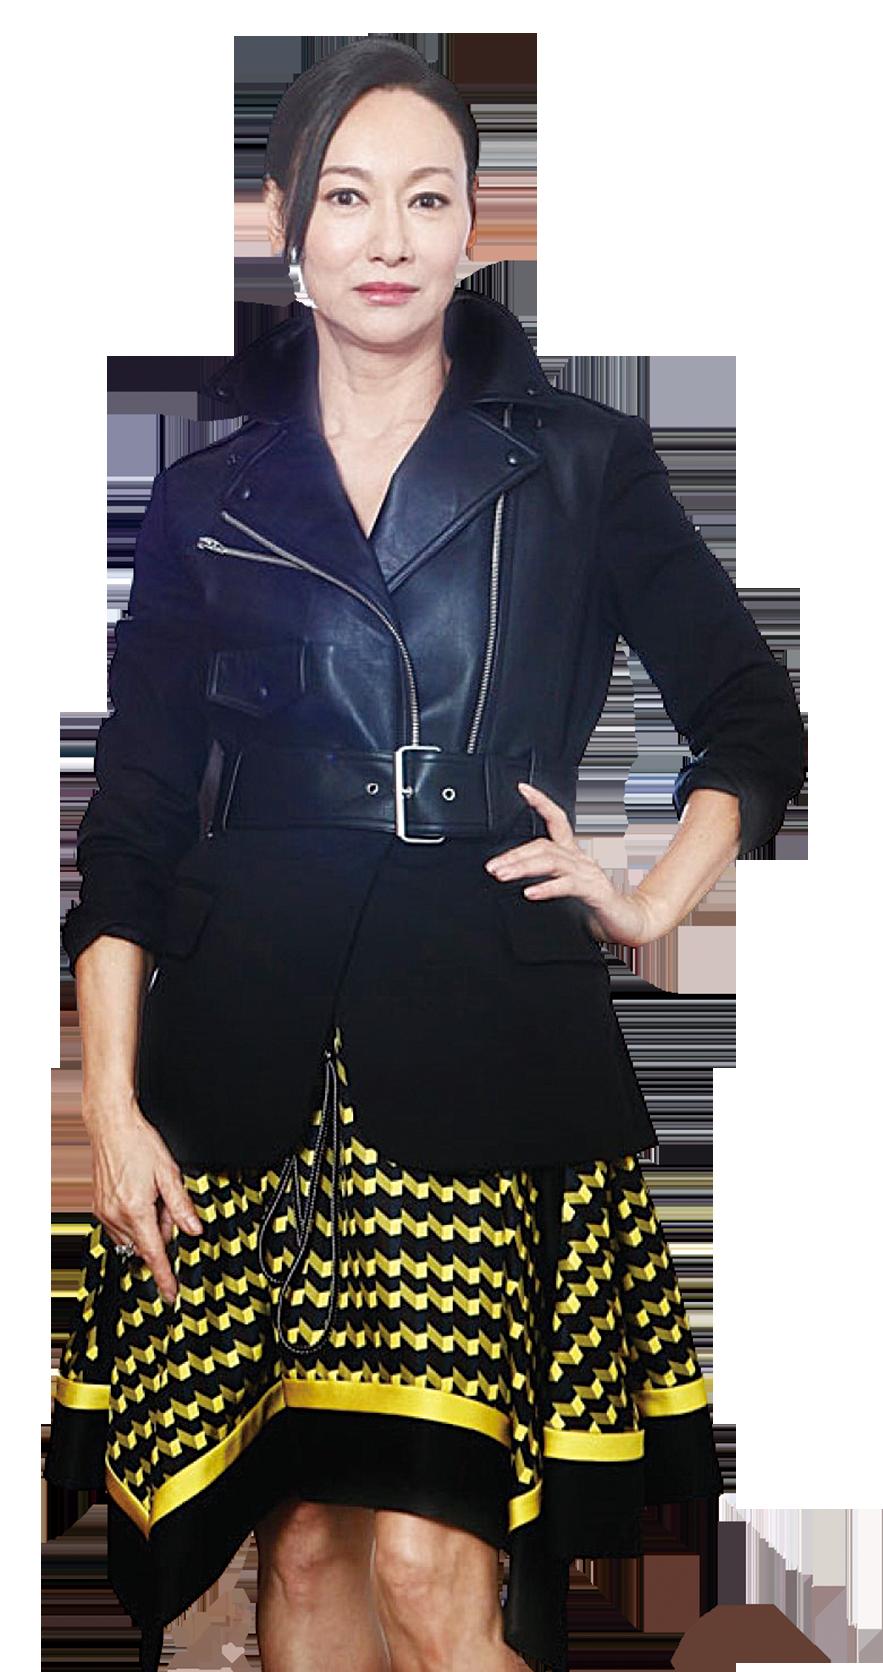 惠英紅憑藉電影《幸運是我》爭影后。(網絡圖片)